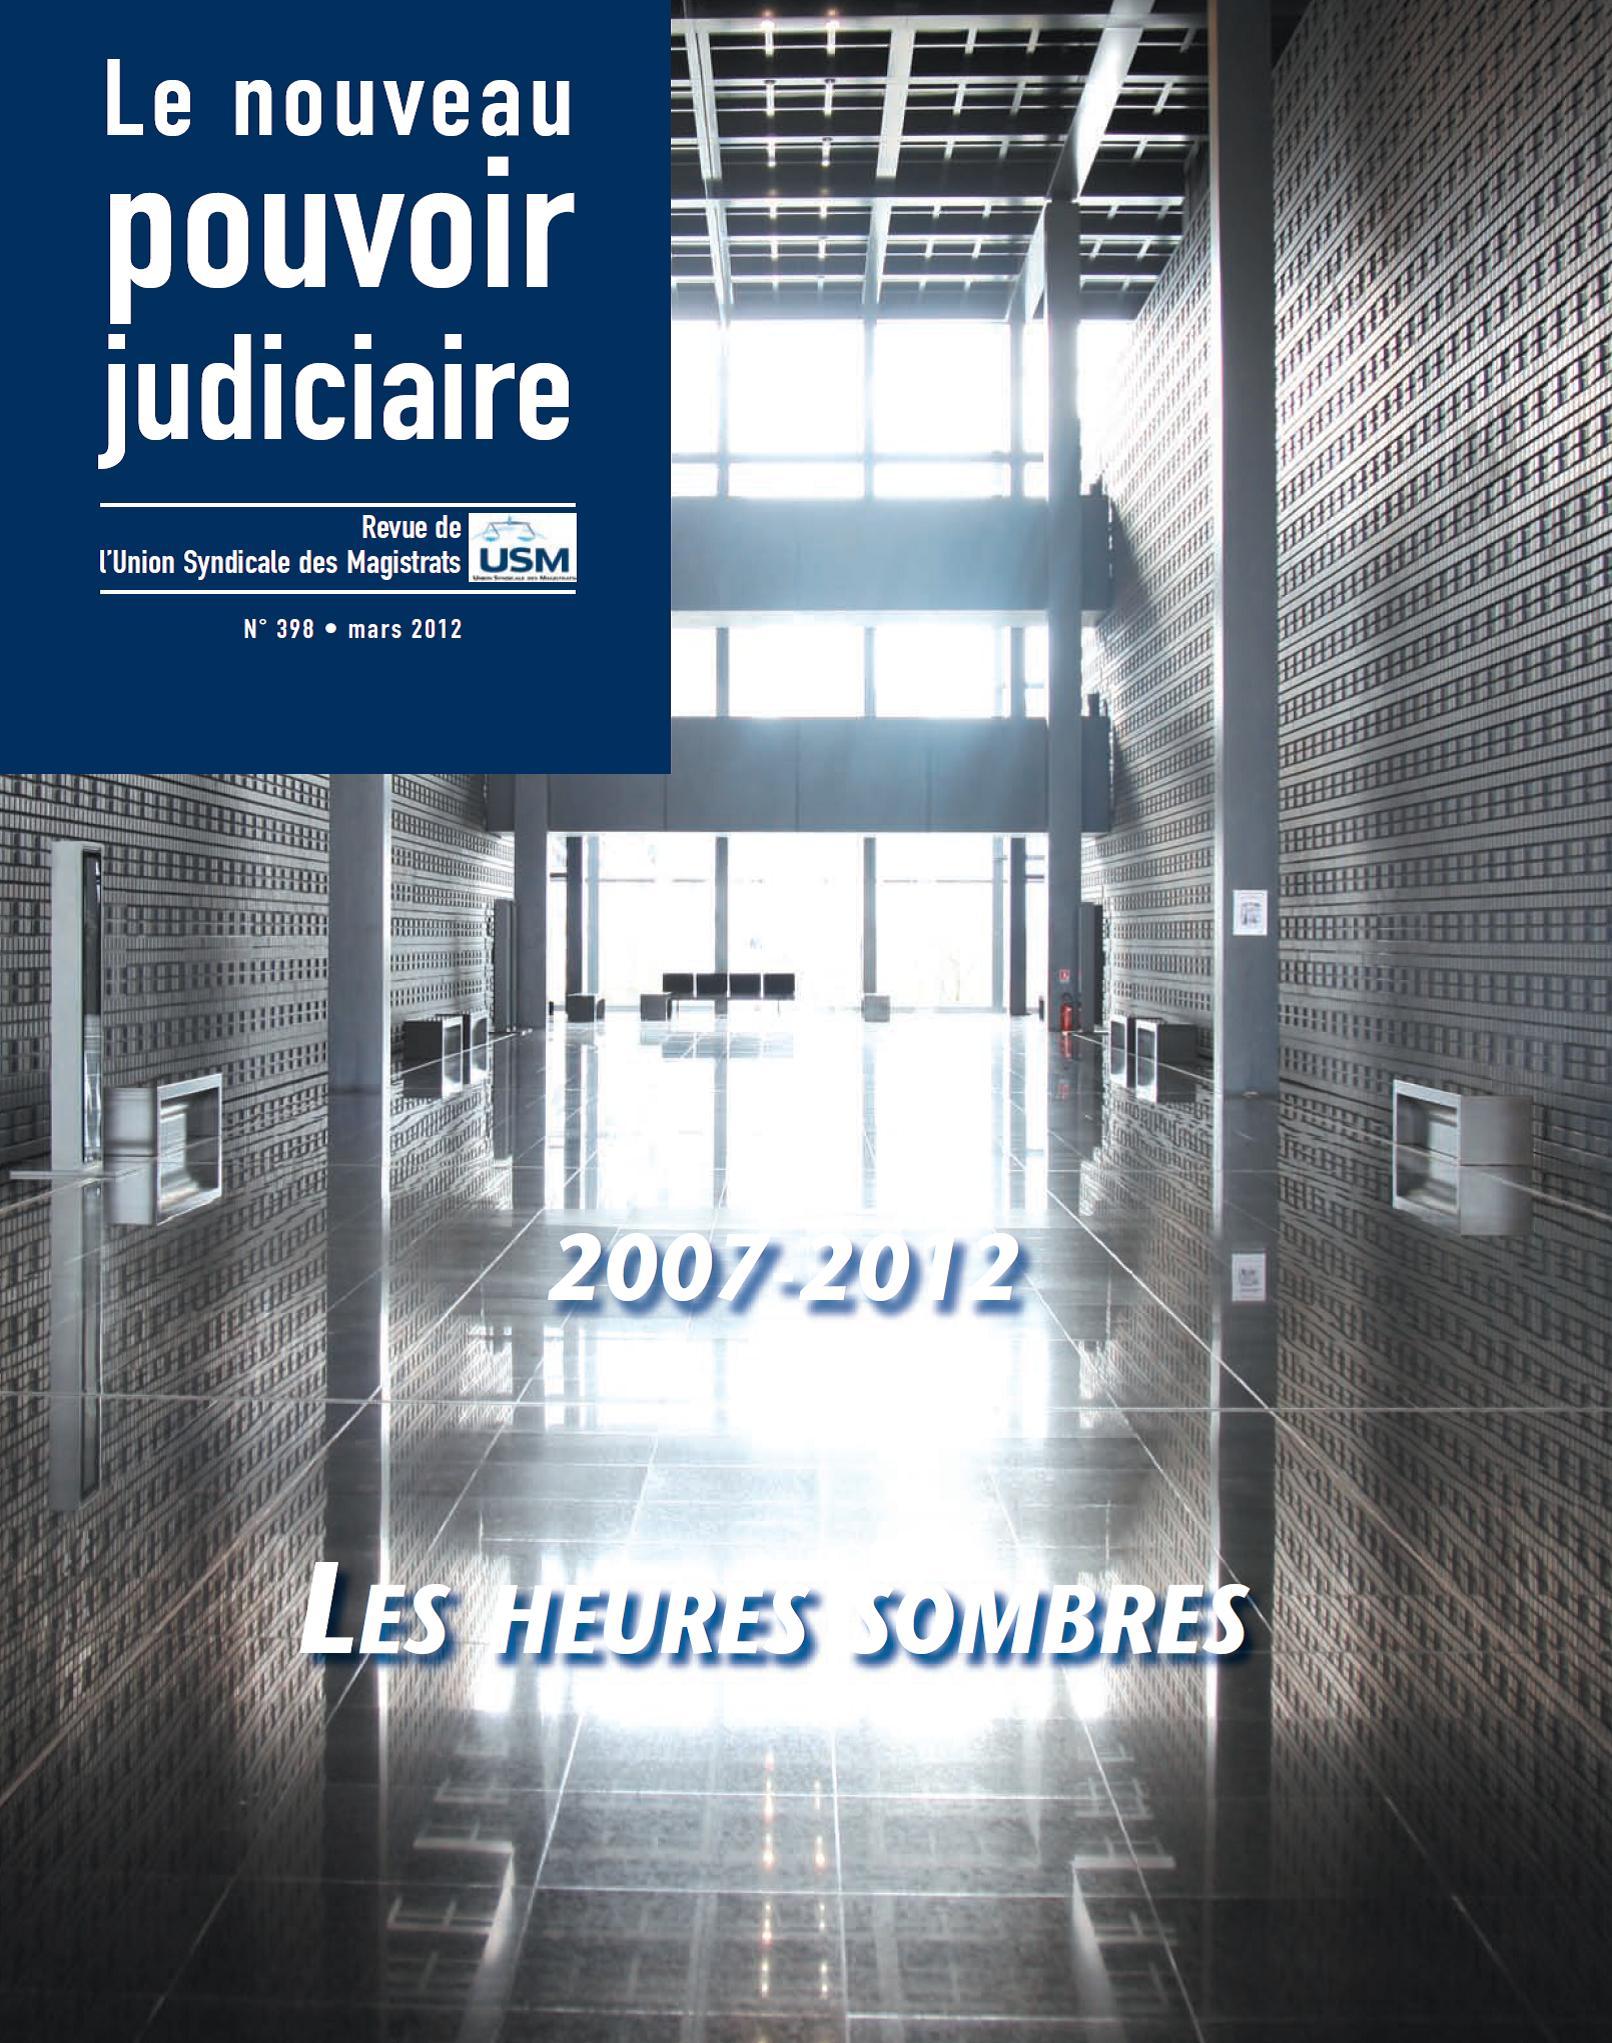 http://upload.wikimedia.org/wikipedia/commons/1/19/Couverture_Le_nouveau_pouvoir_judiciaire_en_mars_2012.jpg